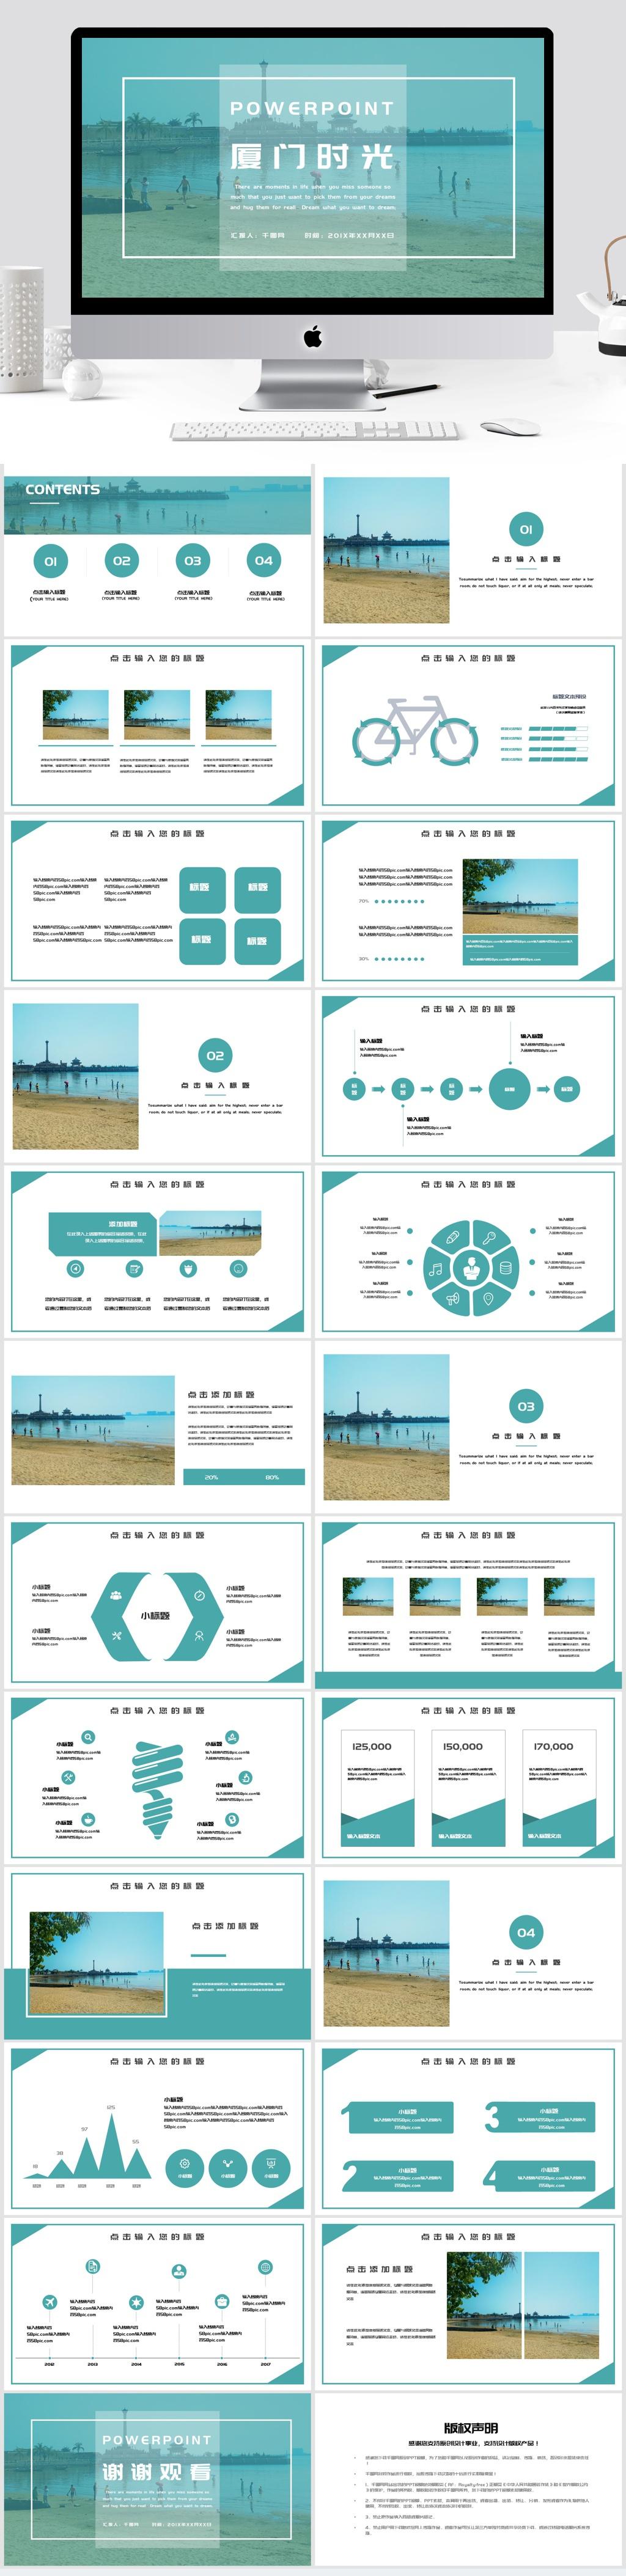 旅游宣传福建厦门时光旅游景点介绍旅行社宣讲PPT模板